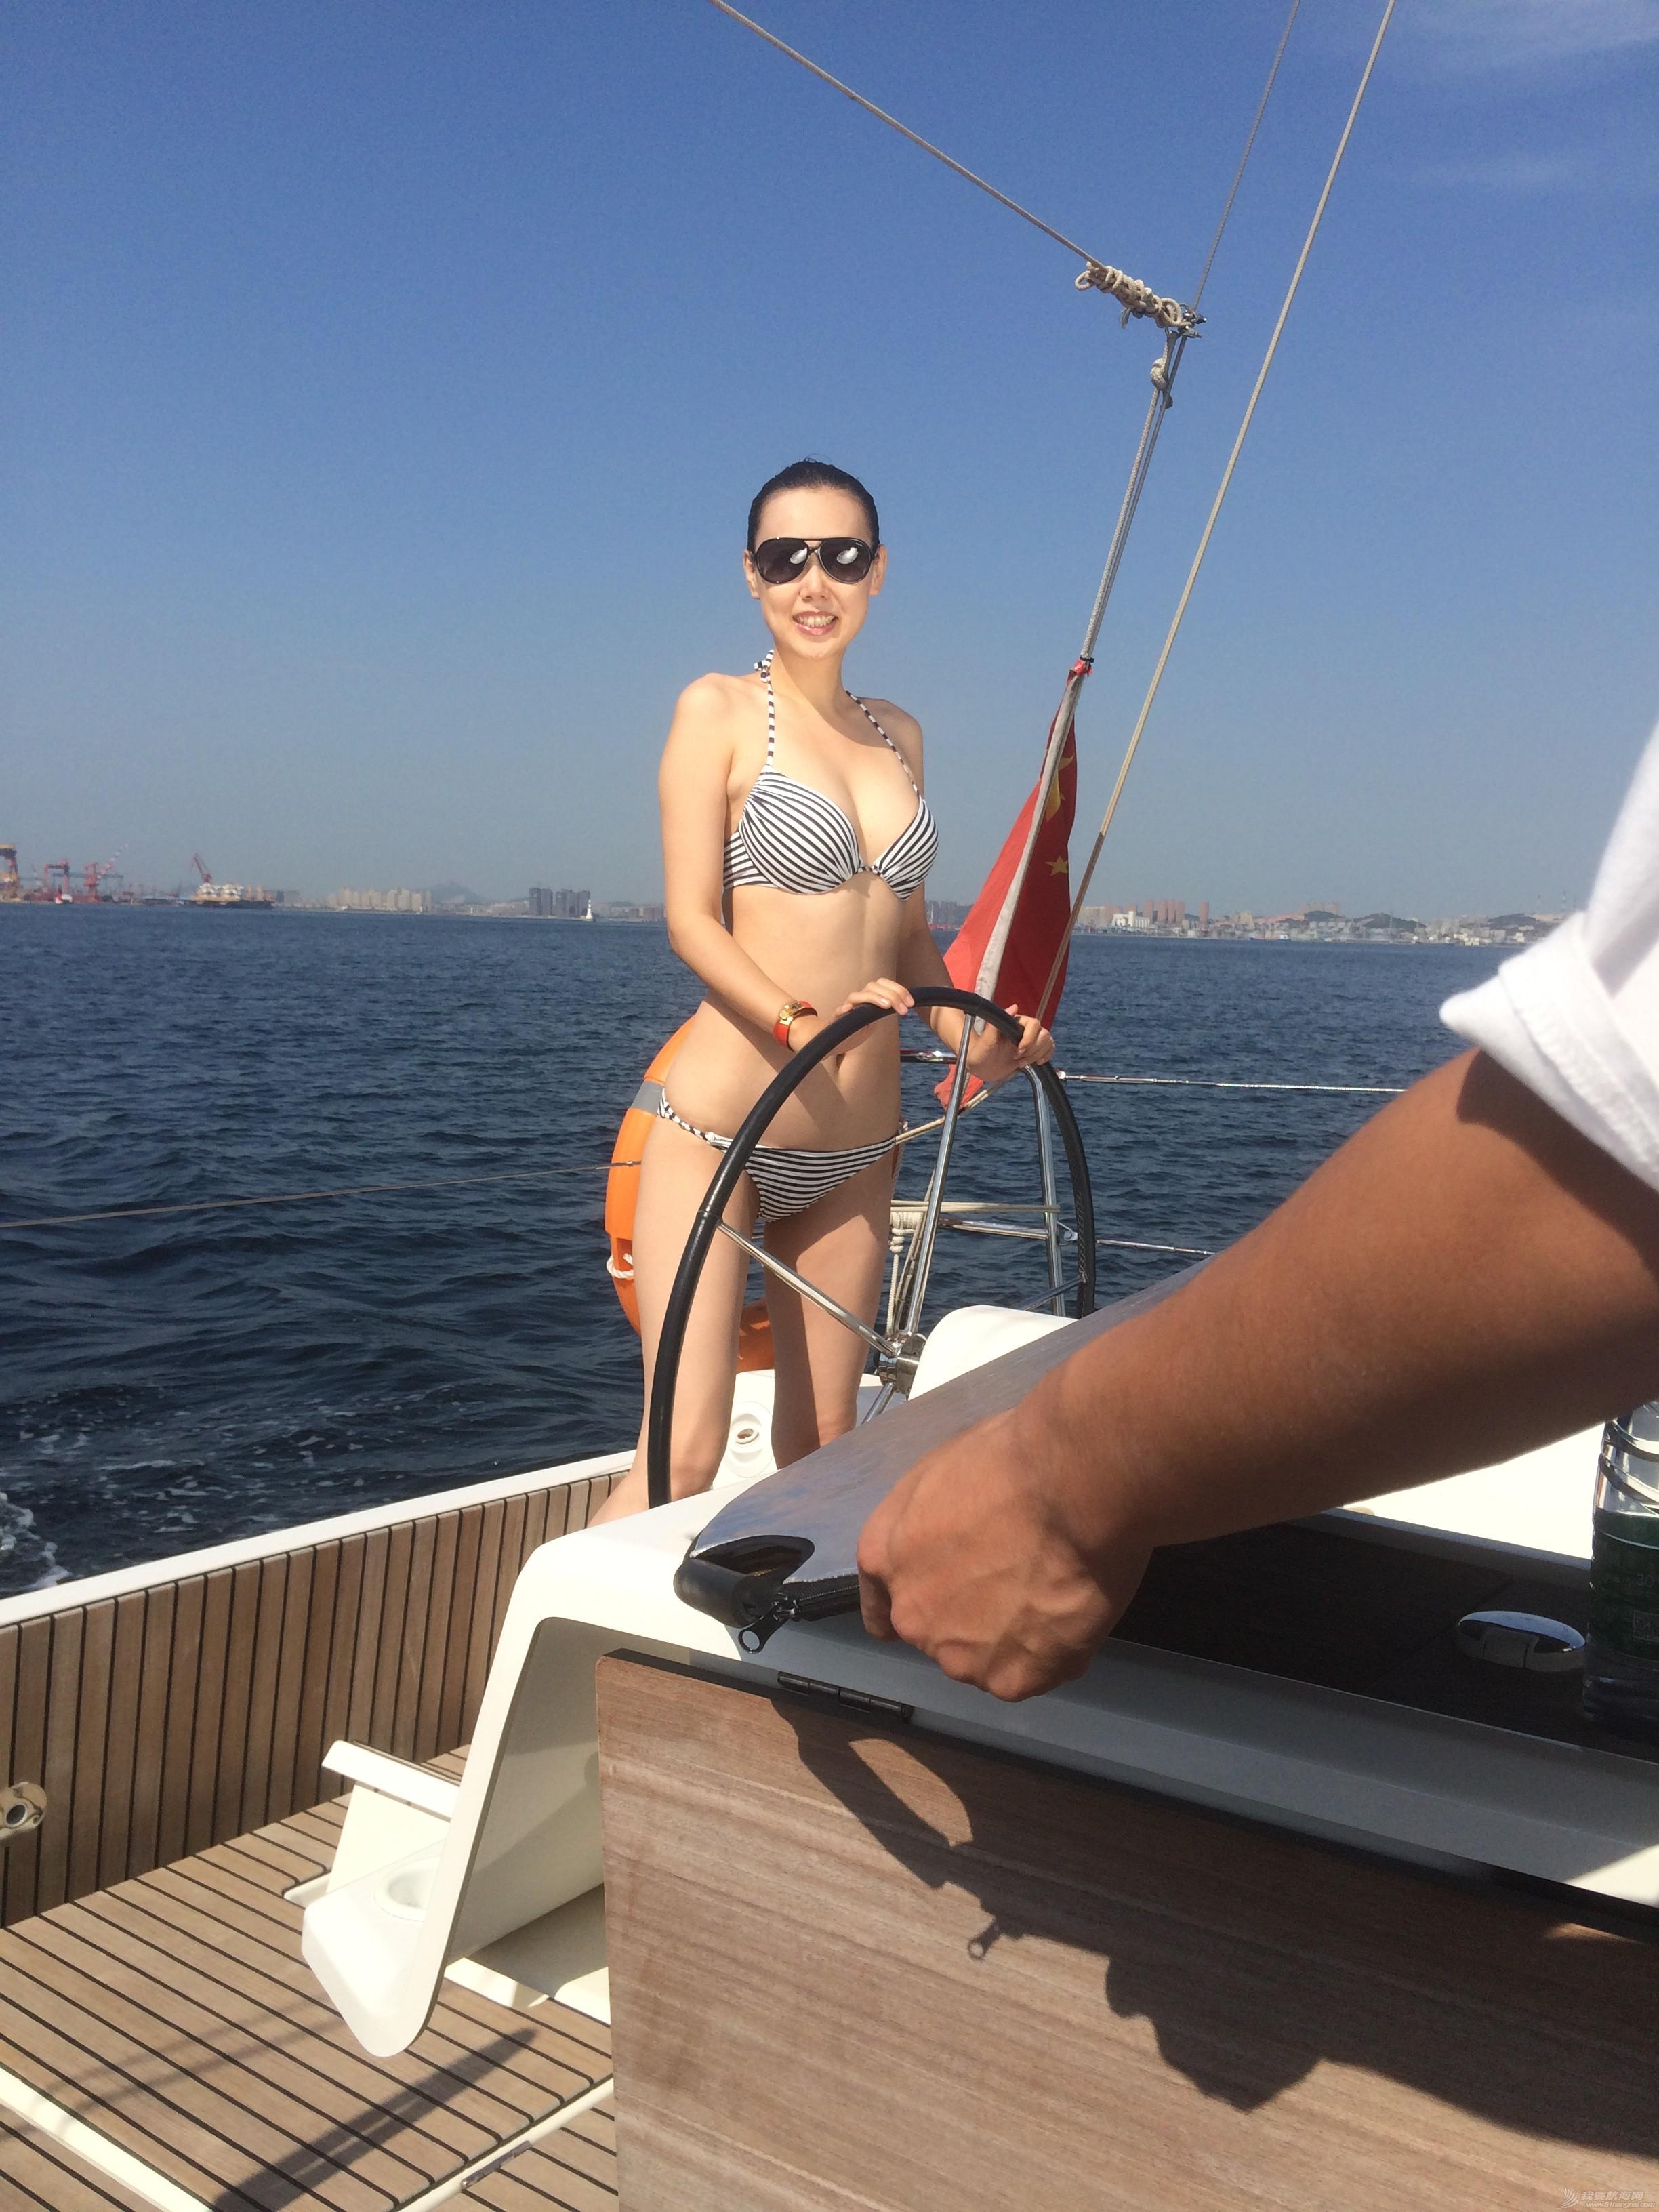 游艇,驾驶培训,船艇,火热,招募 传大片--Ocean girl 驾到!!  095134aaxx6pc7agdiczcd